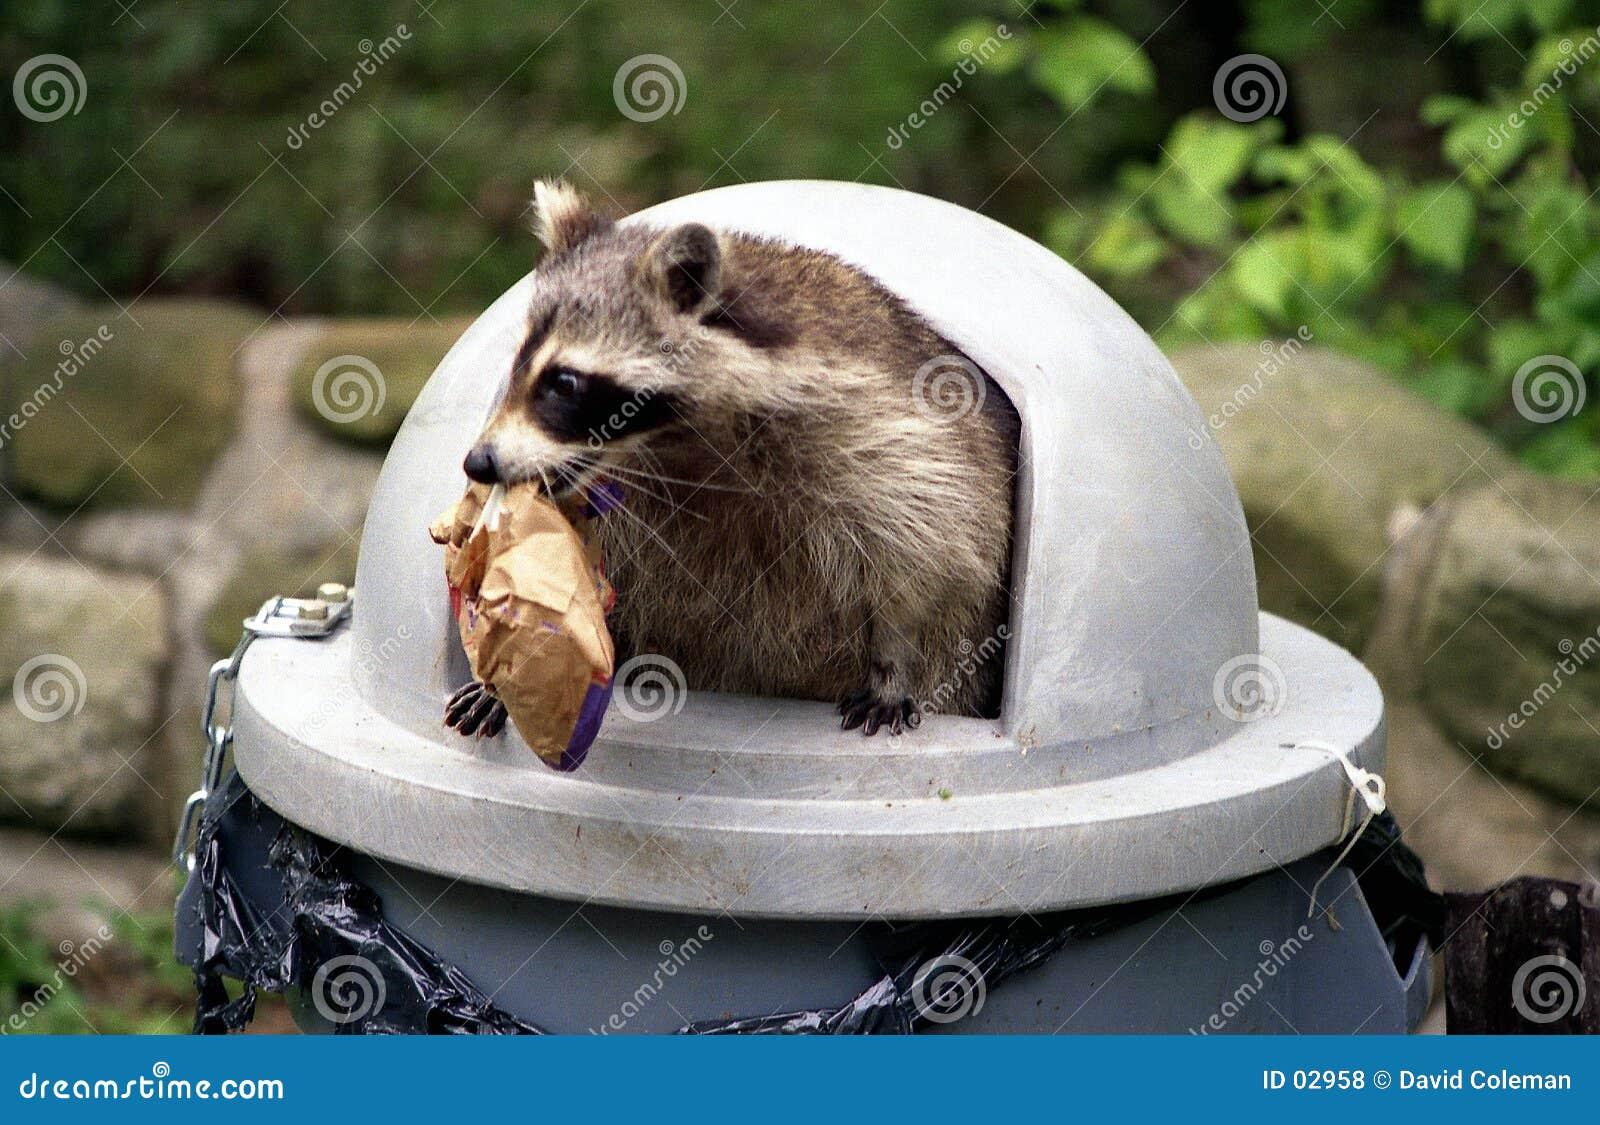 Raccoon que invade o balde do lixo.